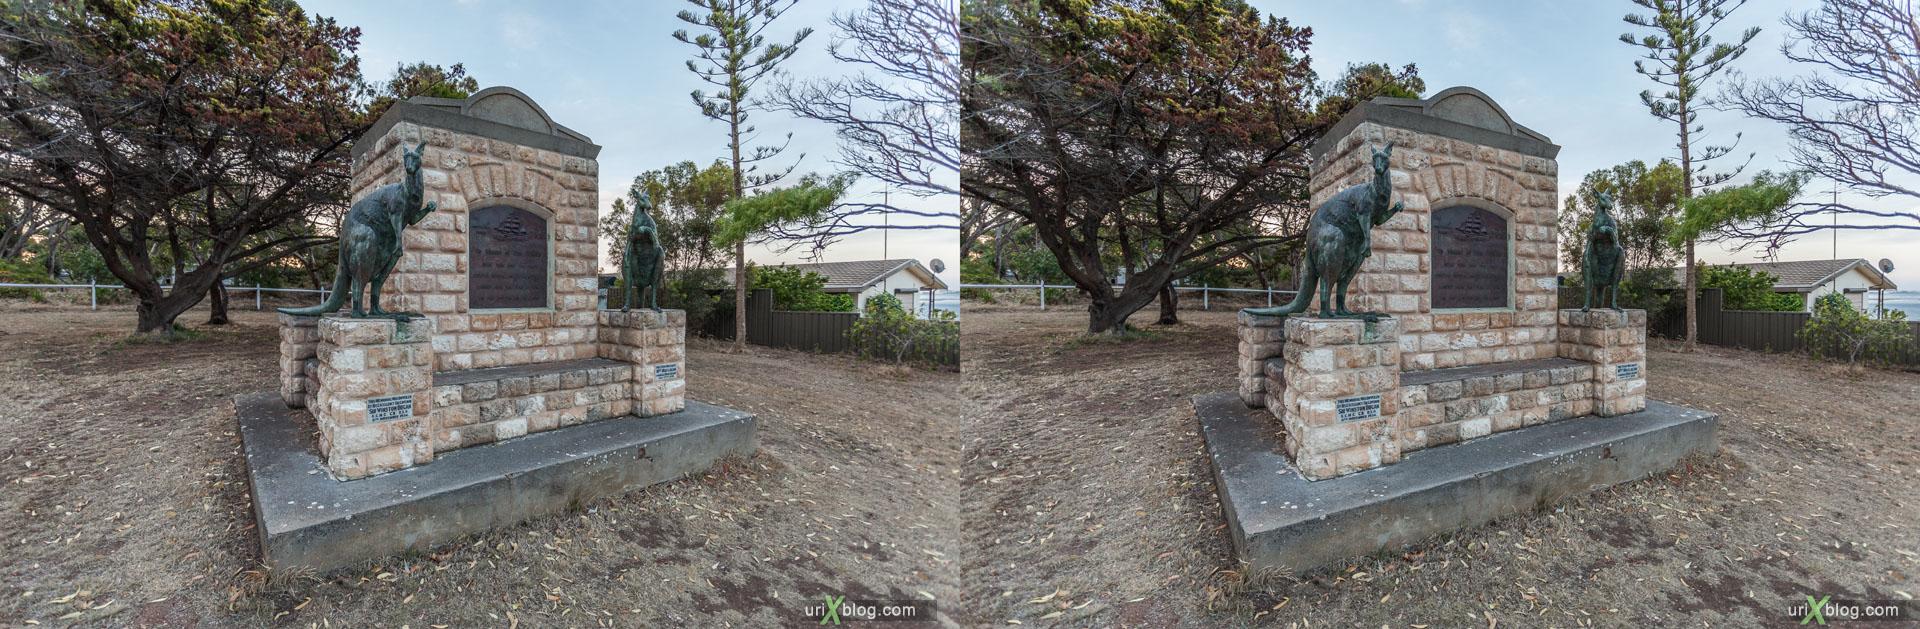 памятник, первооткрыватели, Kingscote, остров Кенгуру, Австралия, 3D, перекрёстная стереопара, стерео, стереопара, 2011